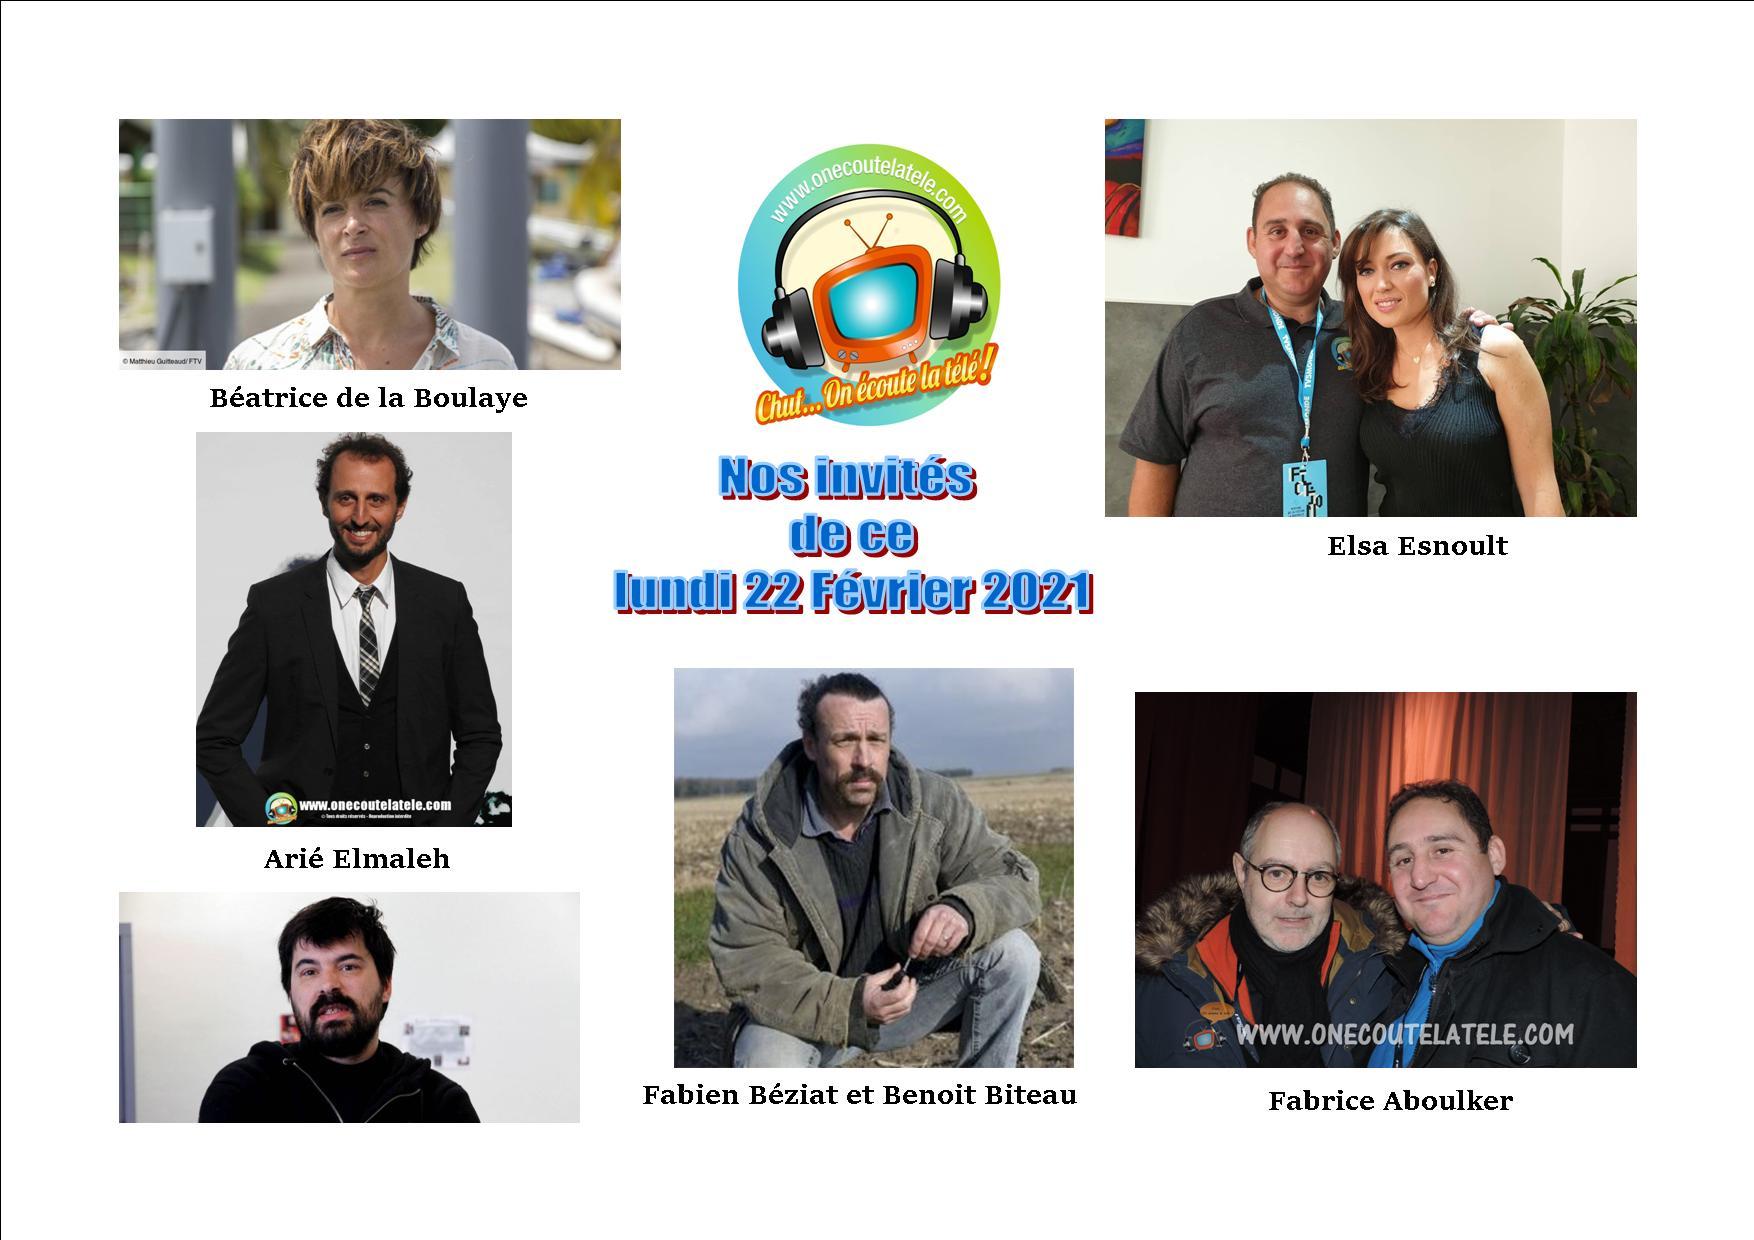 Voici nos émissions de ce lundi 22 février en podcast avec Elsa Esnoult, Arié Elmaleh, Béatrice de la Boulaye, Fabrice Aboulker, Fabien Béziat et Benoit Biteau